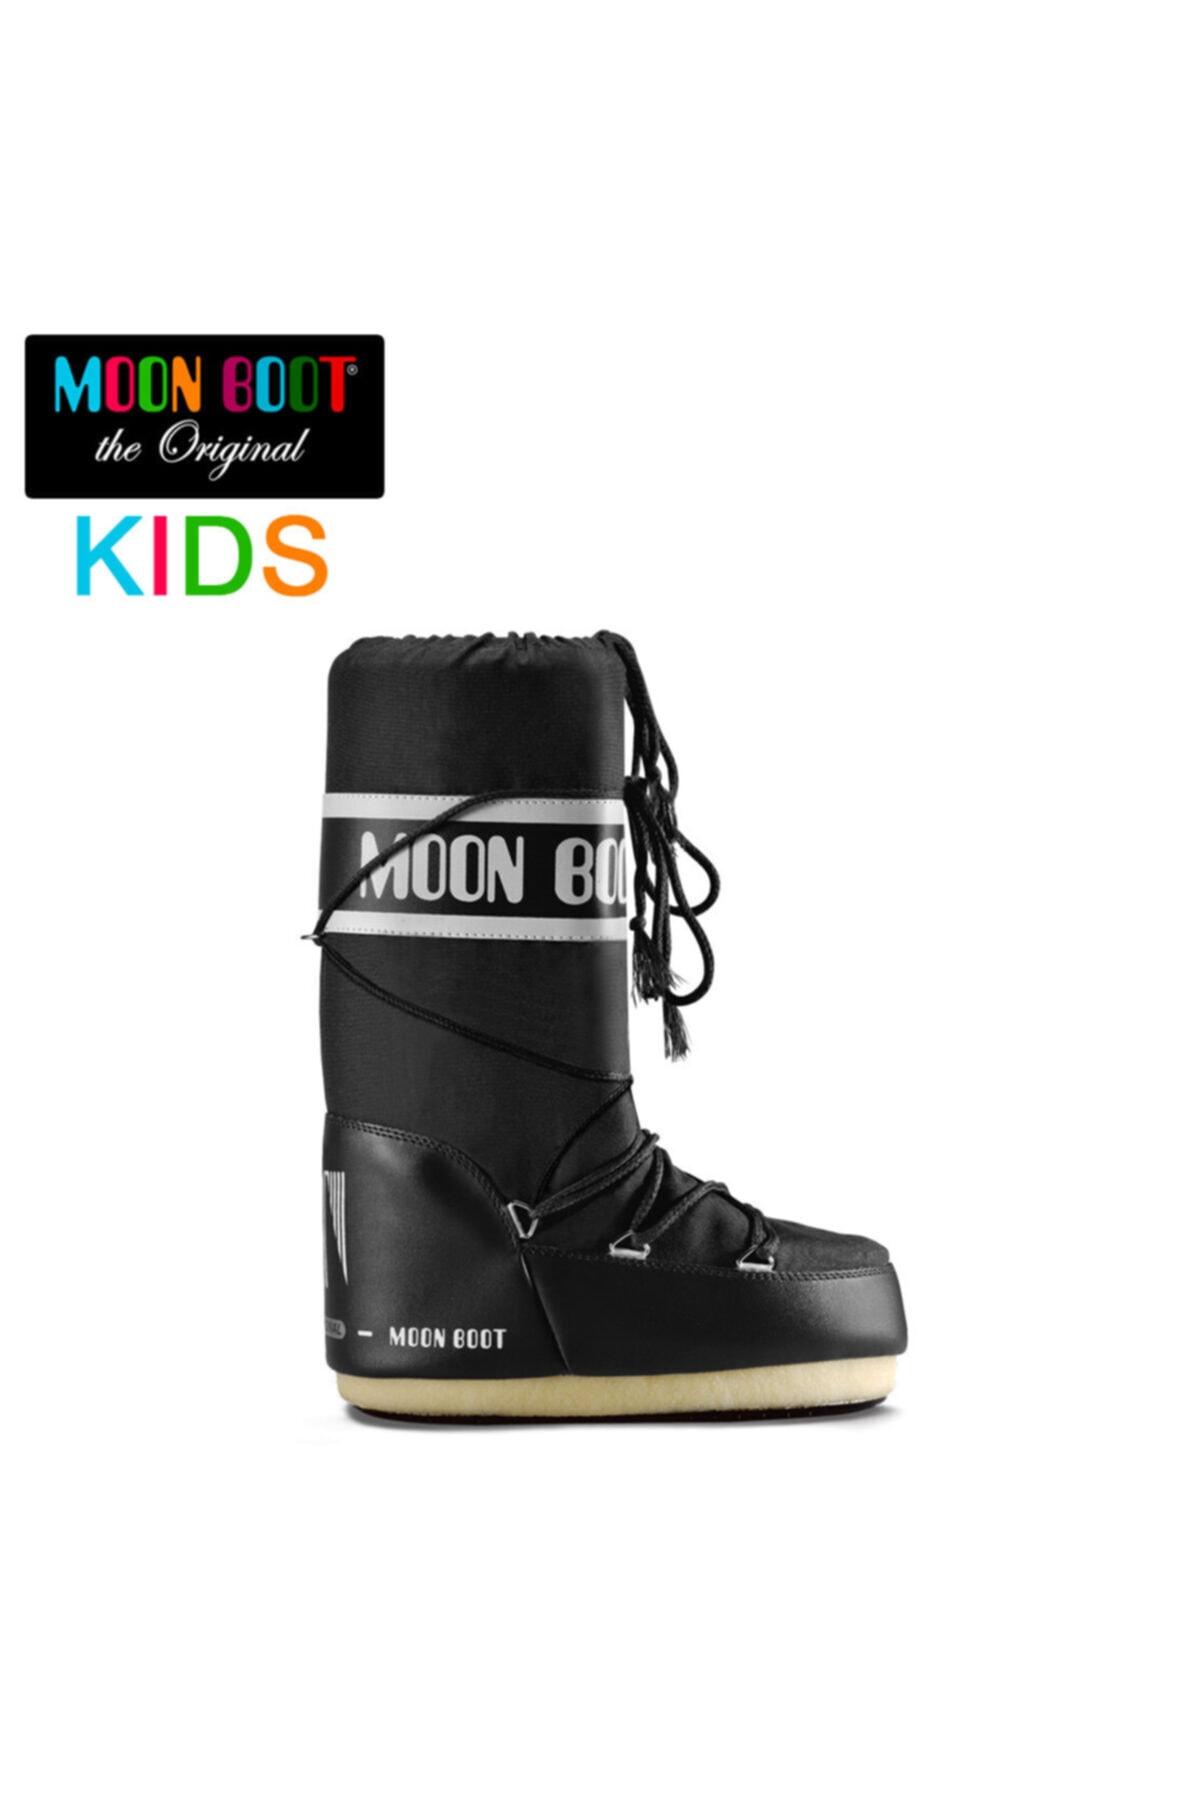 MOON BOOT Siyah Erkek Kar Botu 14004400-001 Nylon Black (23-26) 1